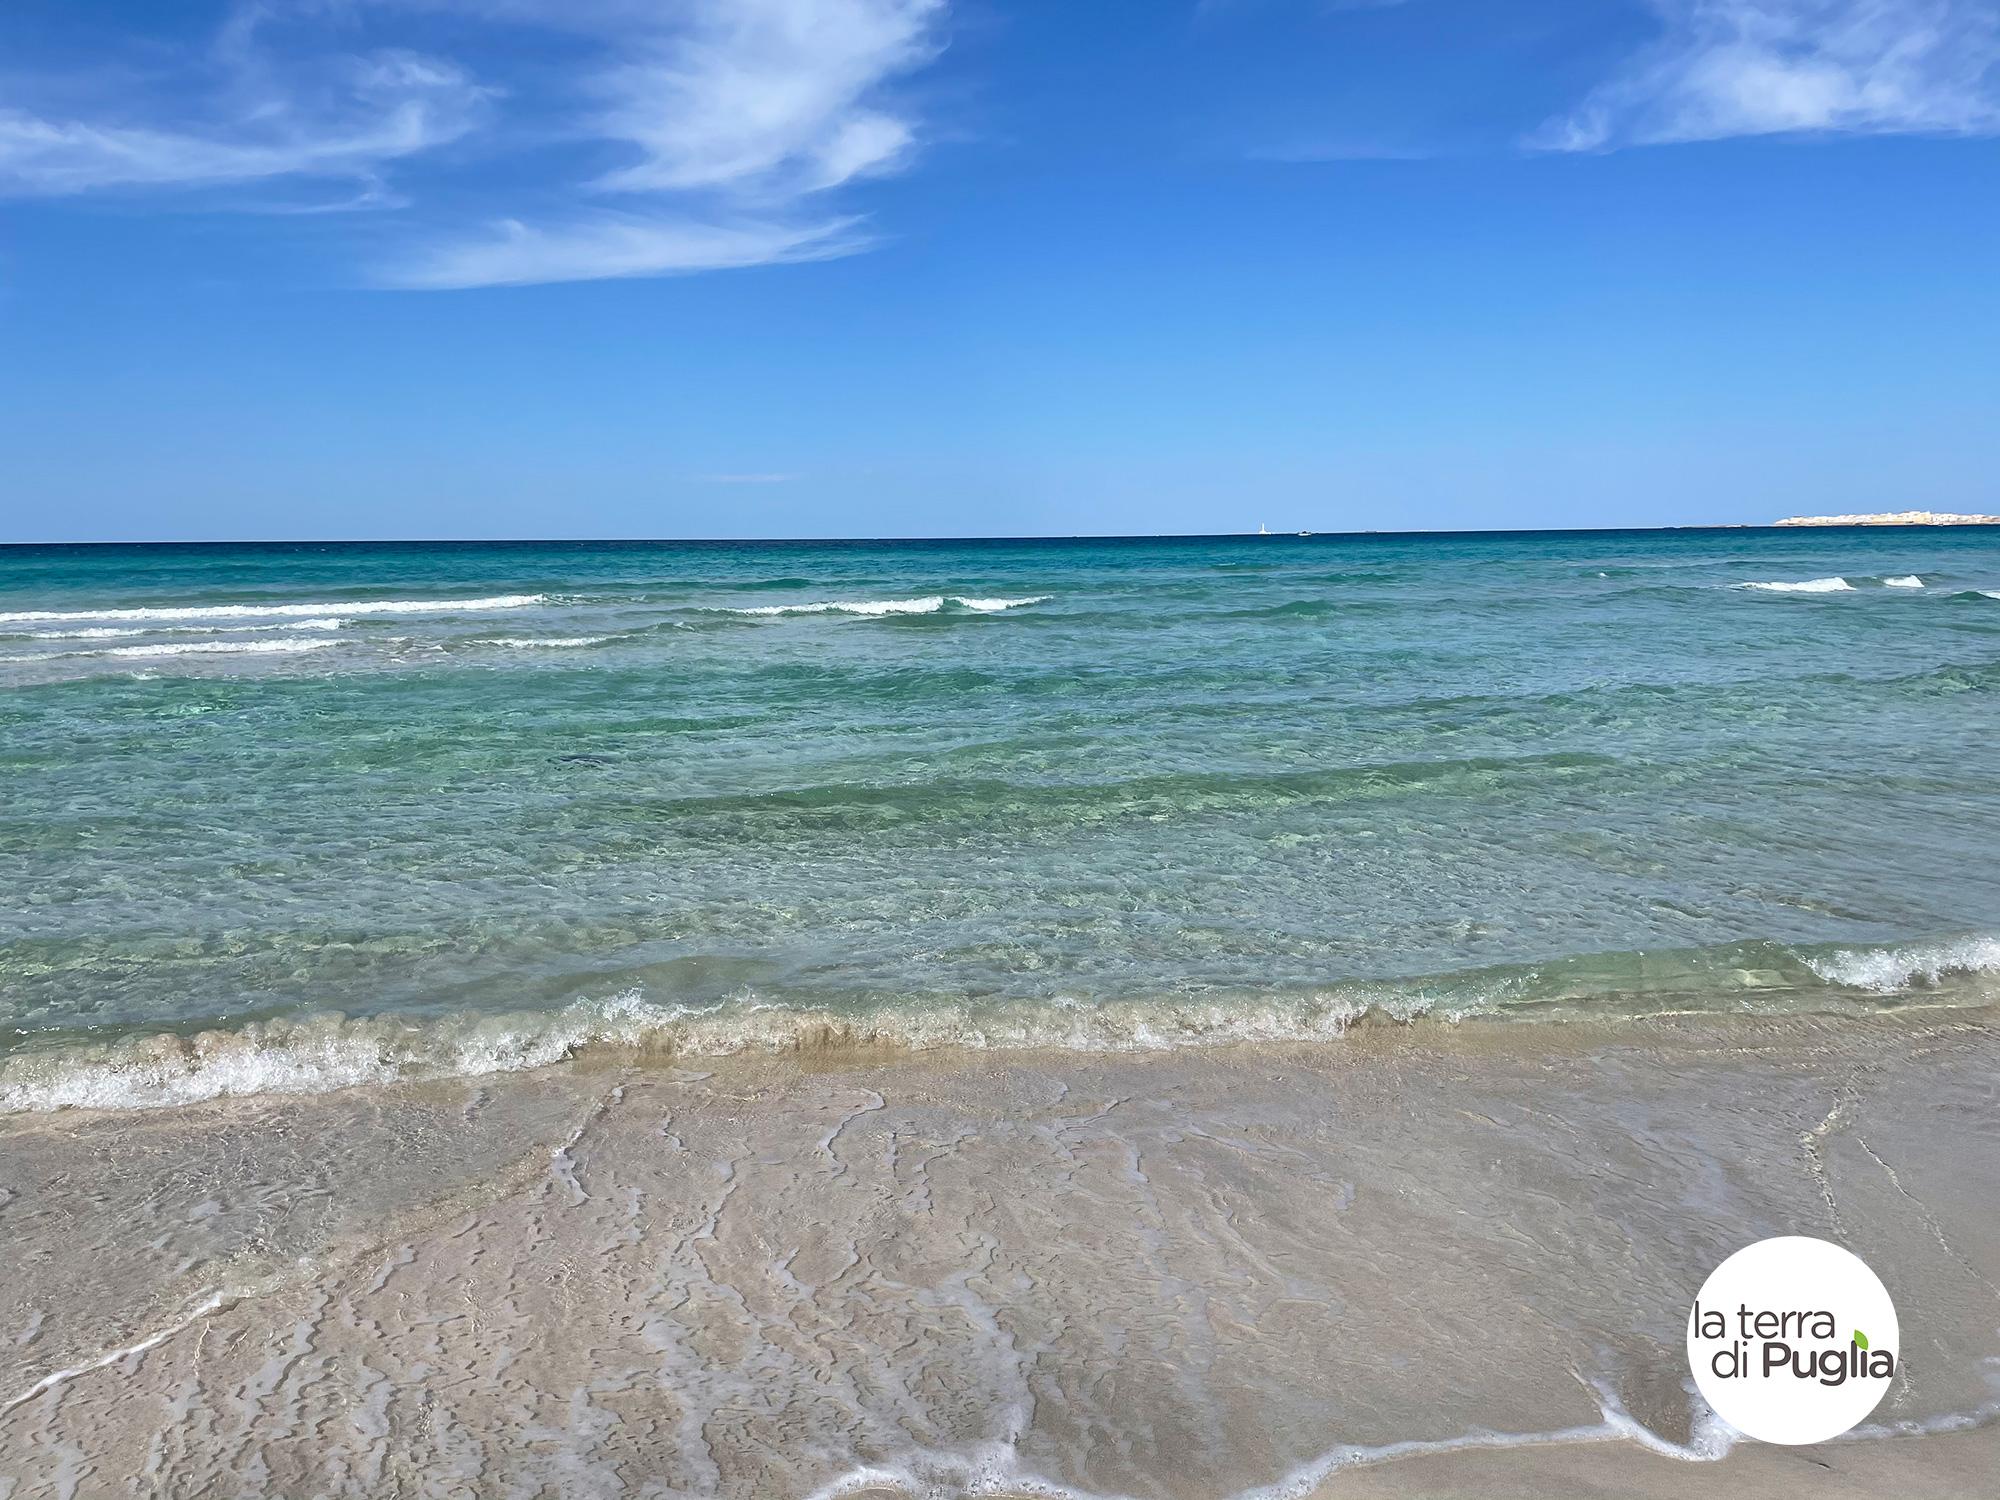 spiaggia-mare-gallipoli-puglia-salento